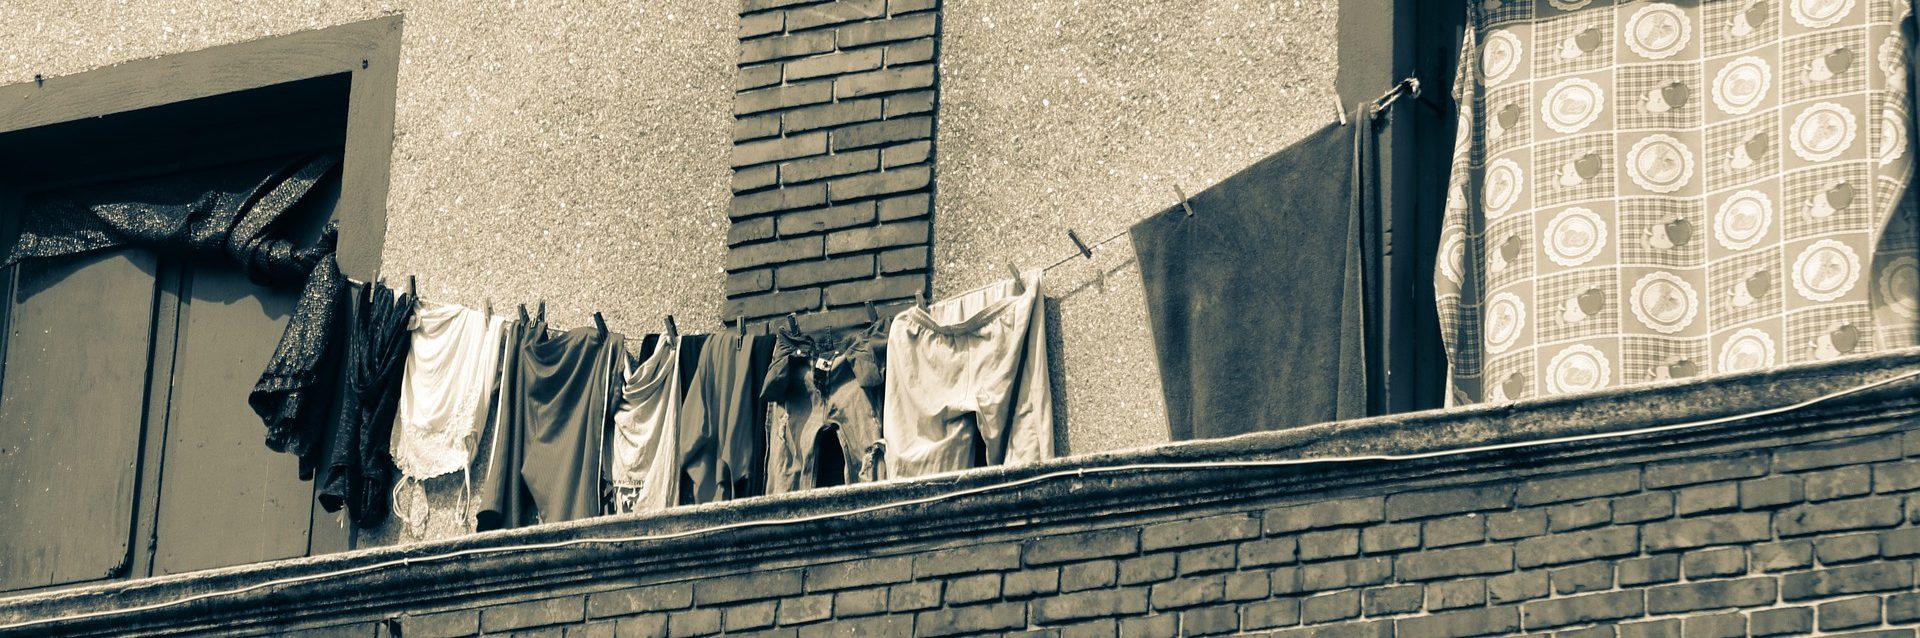 La lavadora es un relato de terror escrito por Miguel Rodríguez Echeandía para el blog personal de su página web.